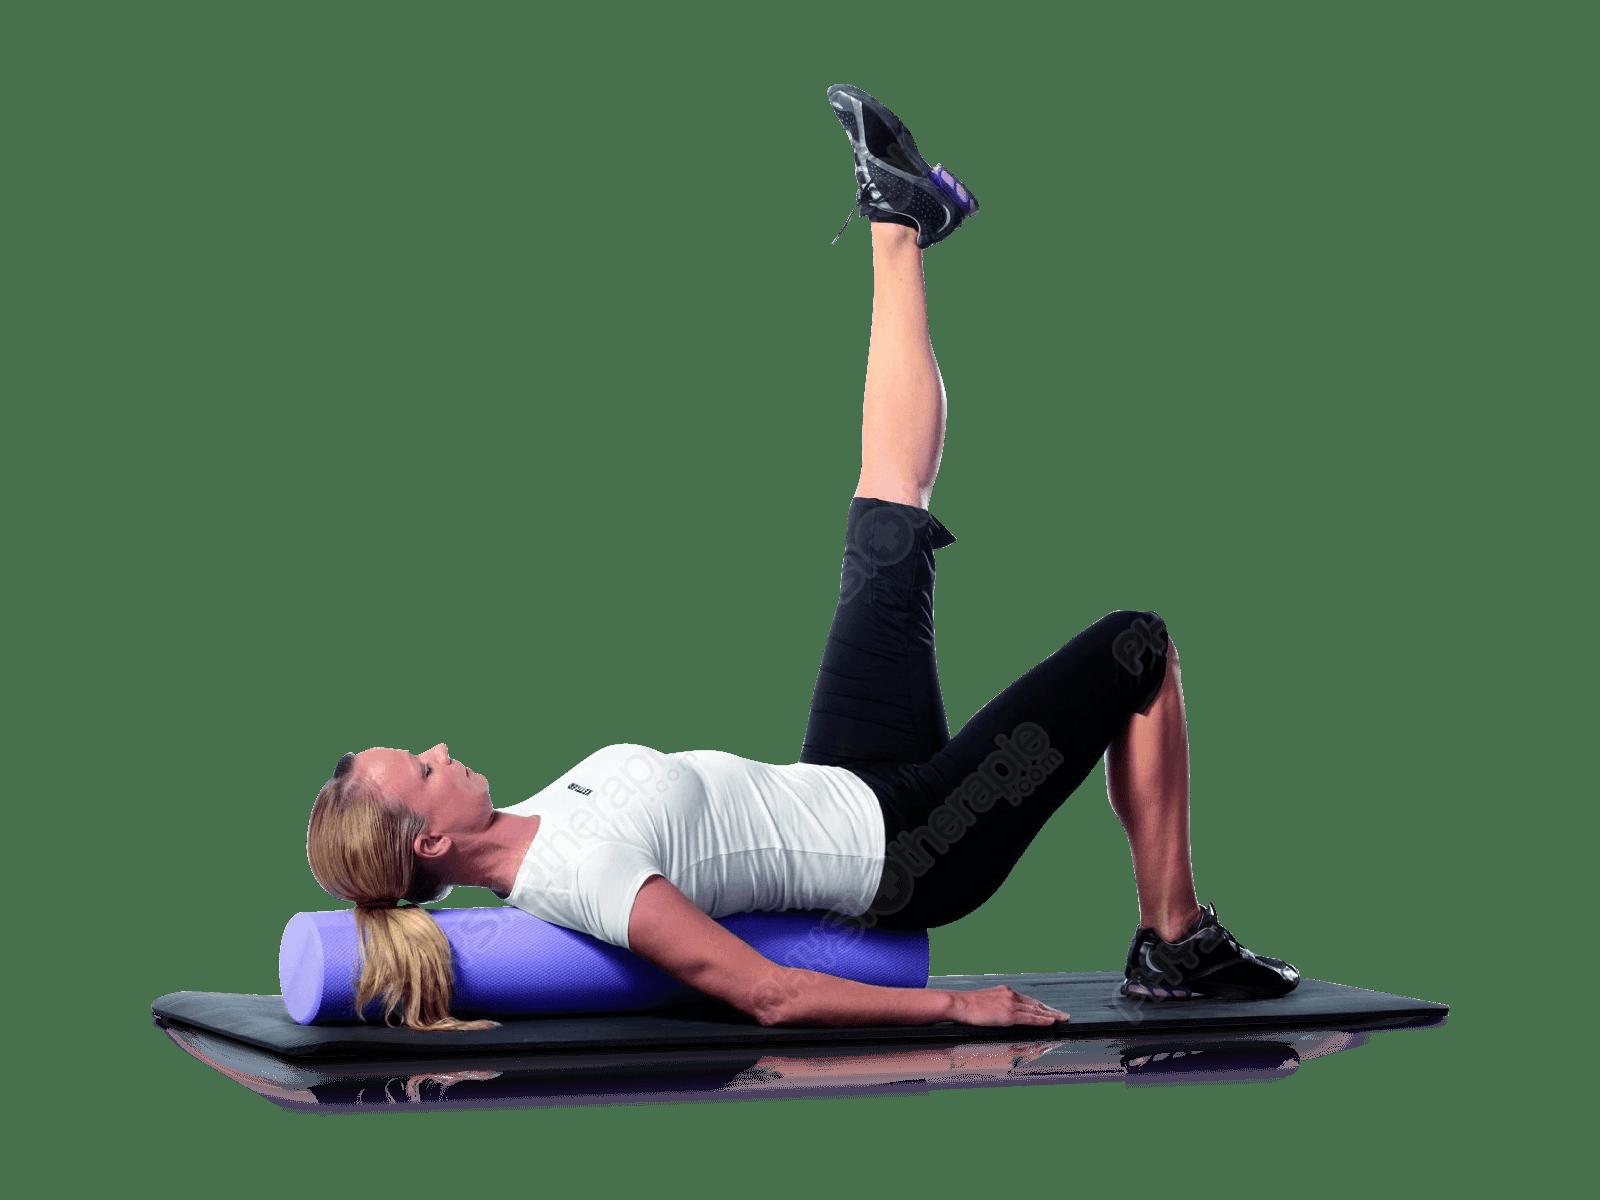 Le rouleau Pilates, idéal pour le dos.